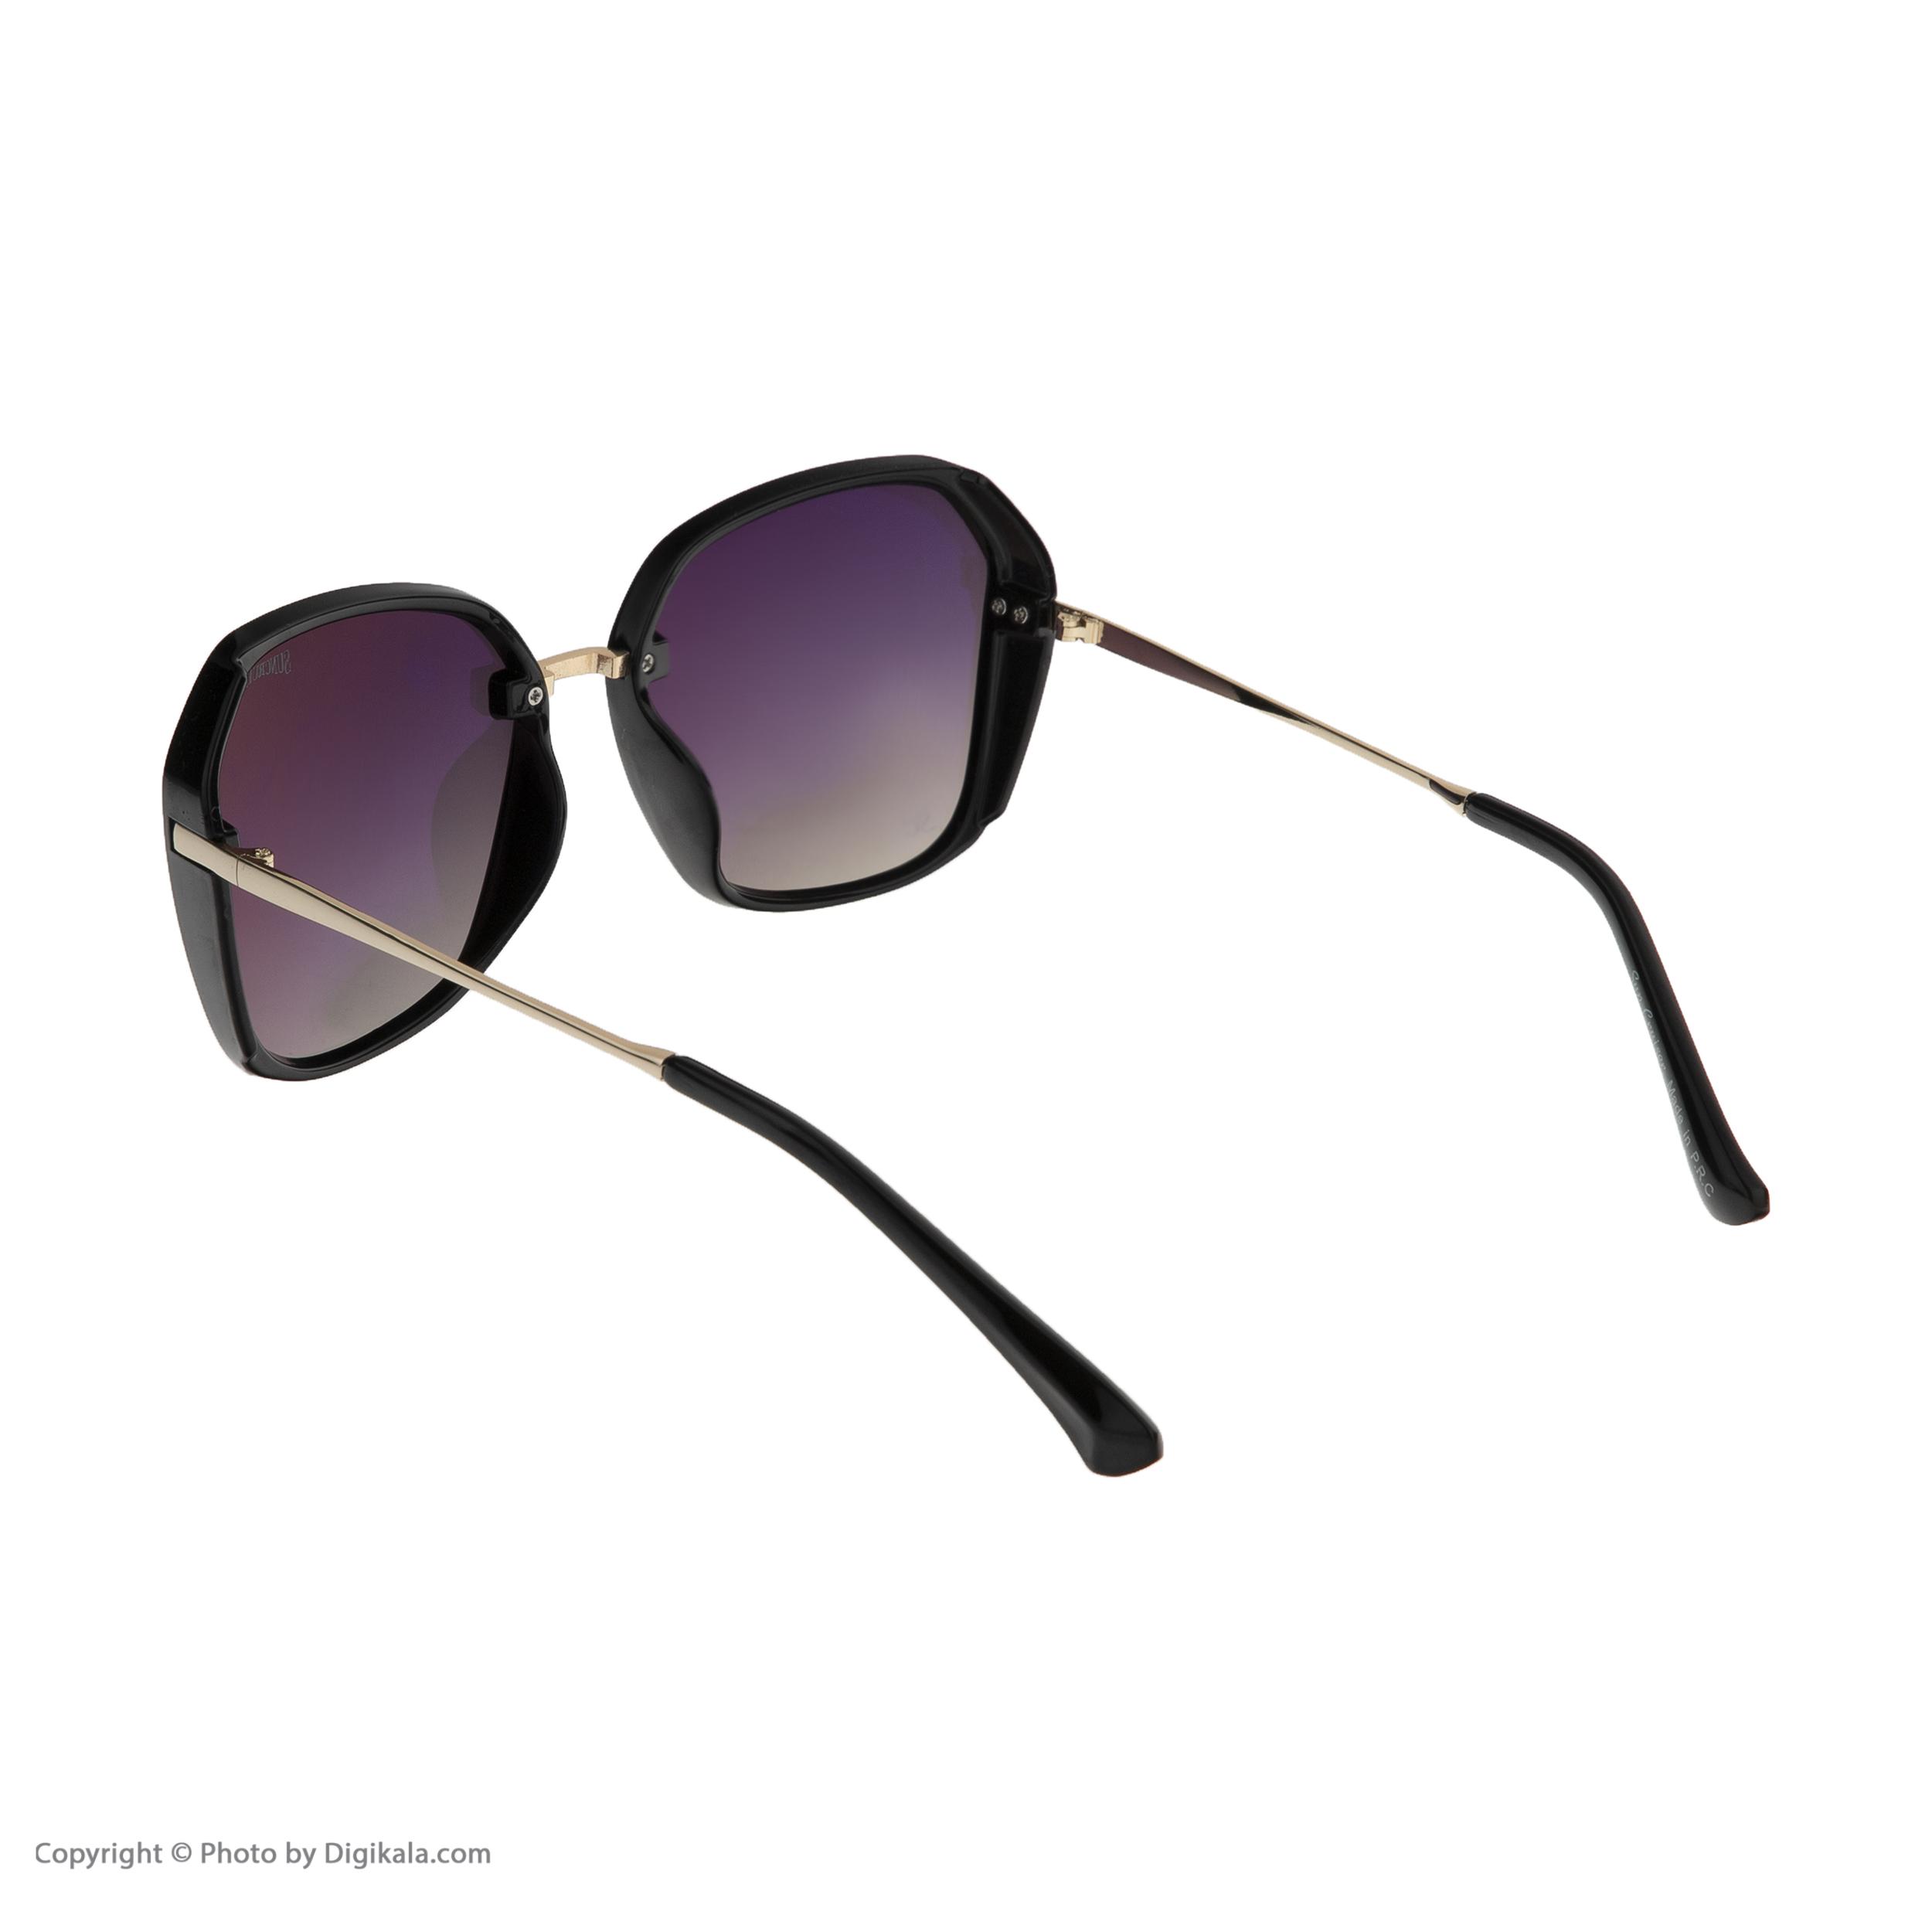 عینک آفتابی زنانه سانکروزر مدل 6002 -  - 5